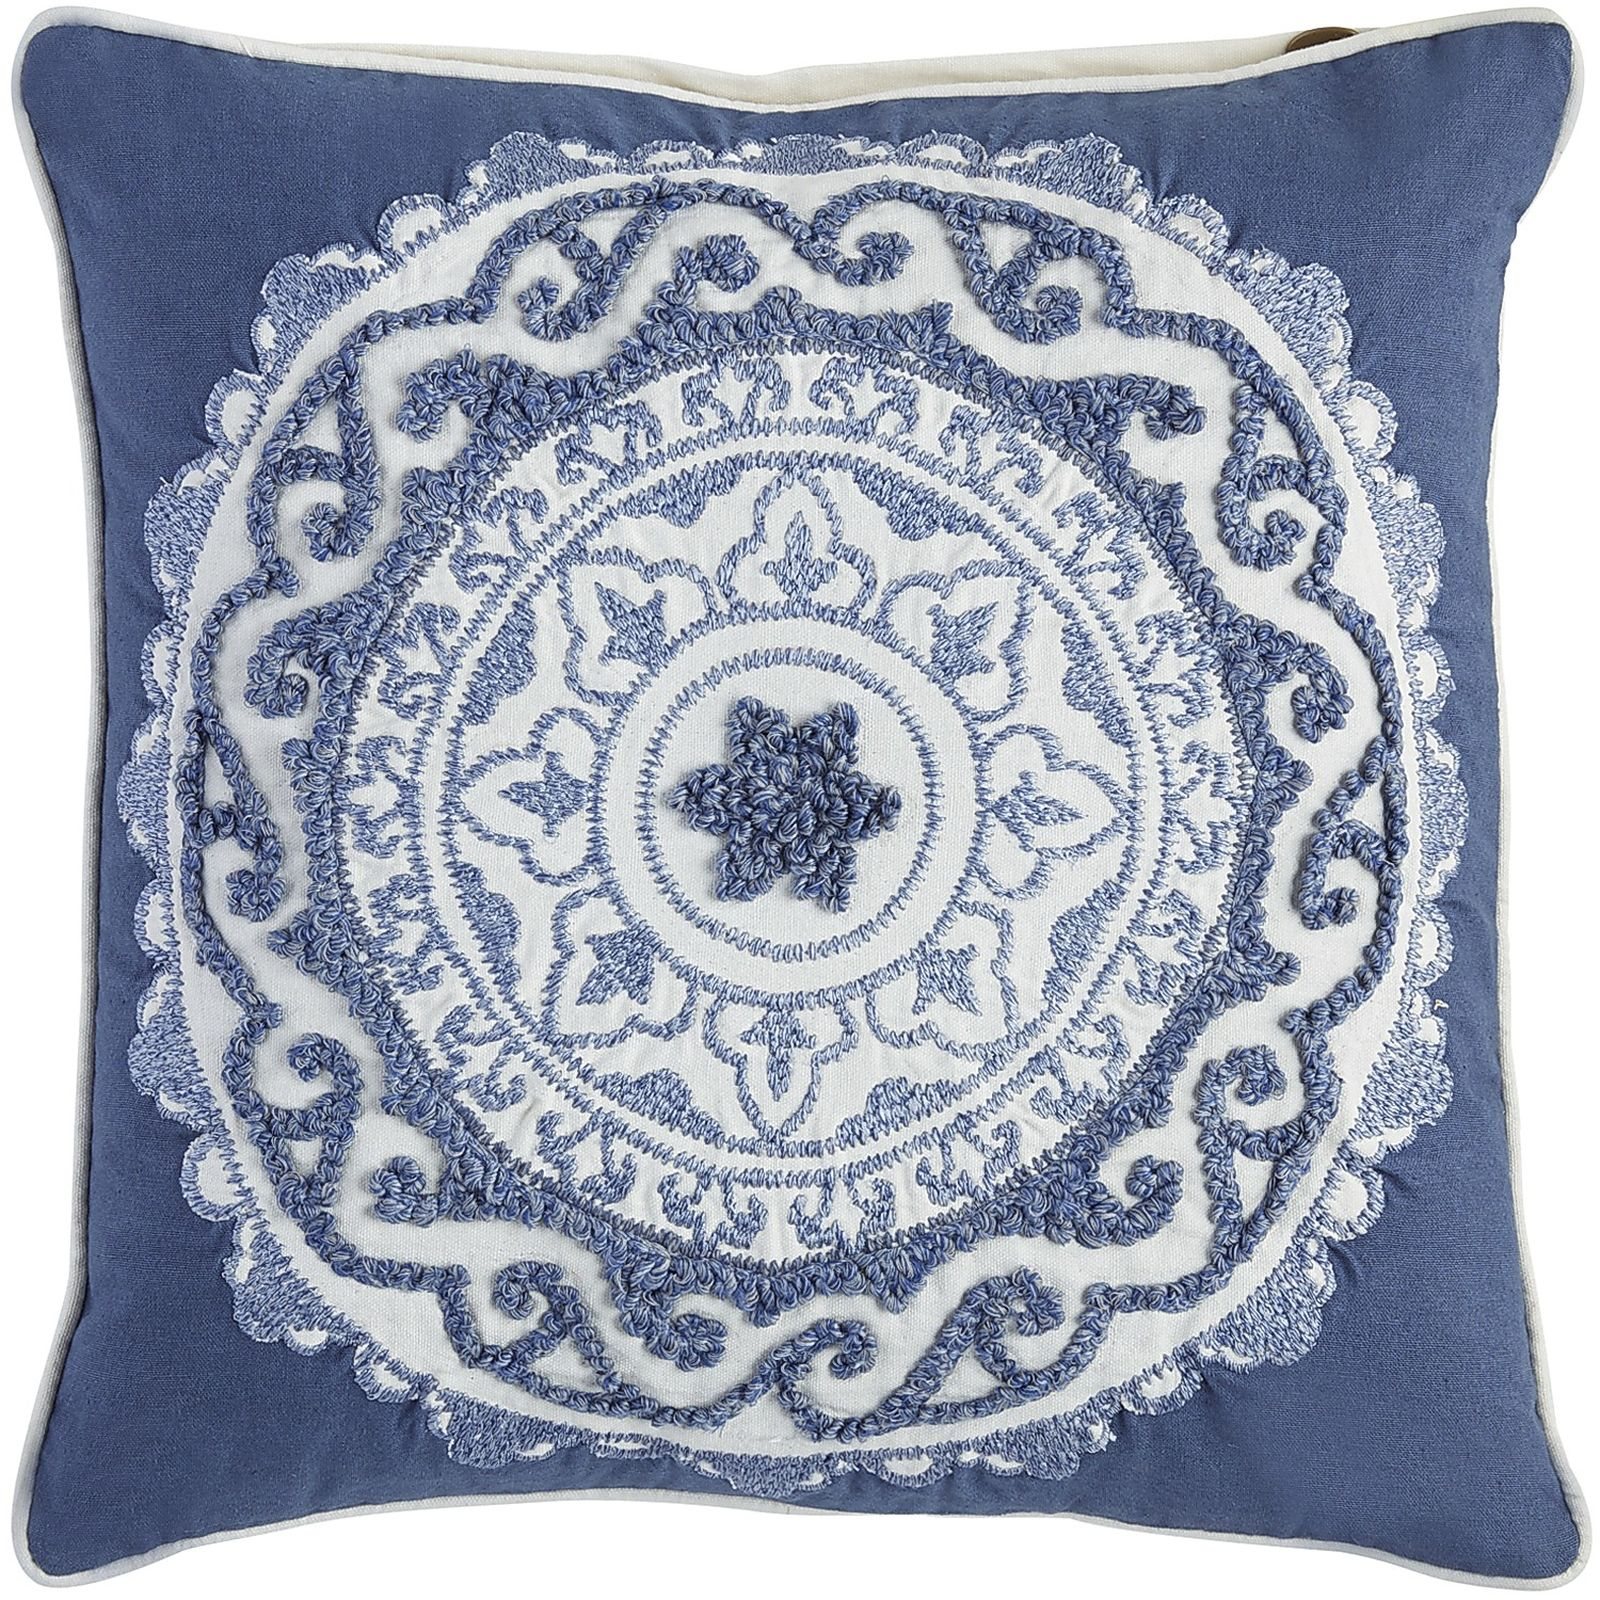 Embellished Suzani Medallion Pillow - Blue | Pier 1 Imports